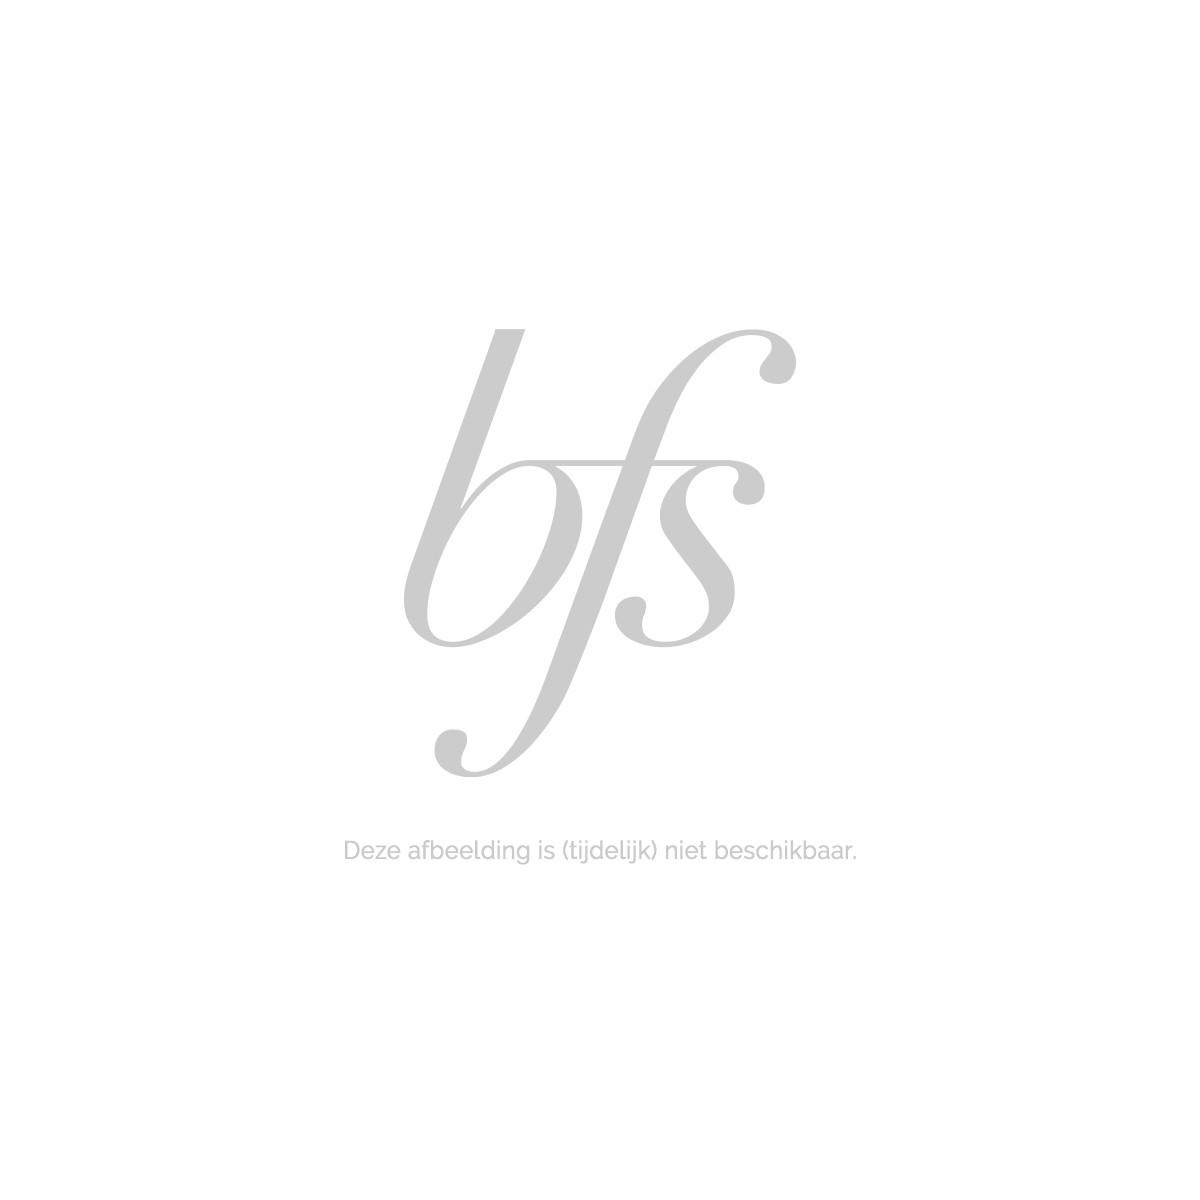 Jil Sander No.4 Eau de Parfum 50 ml